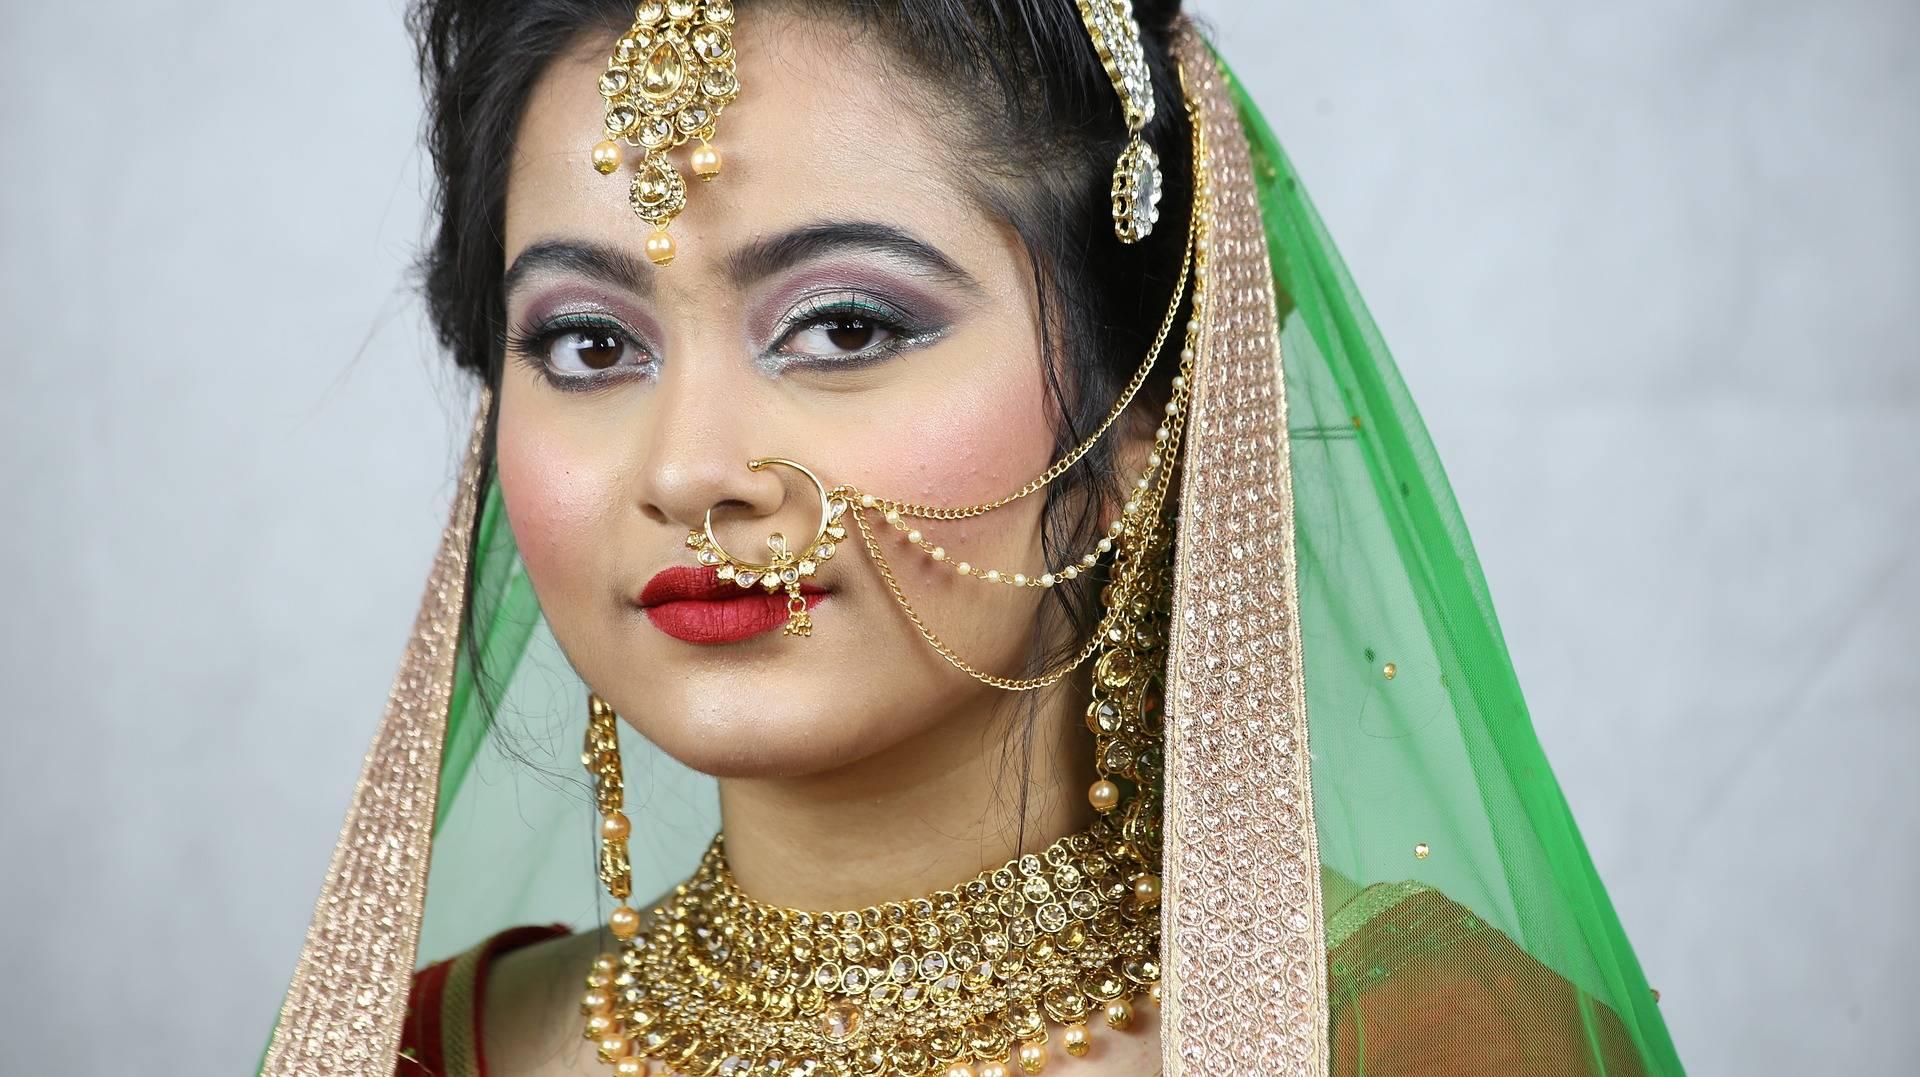 Indien verringert Gold-Importe